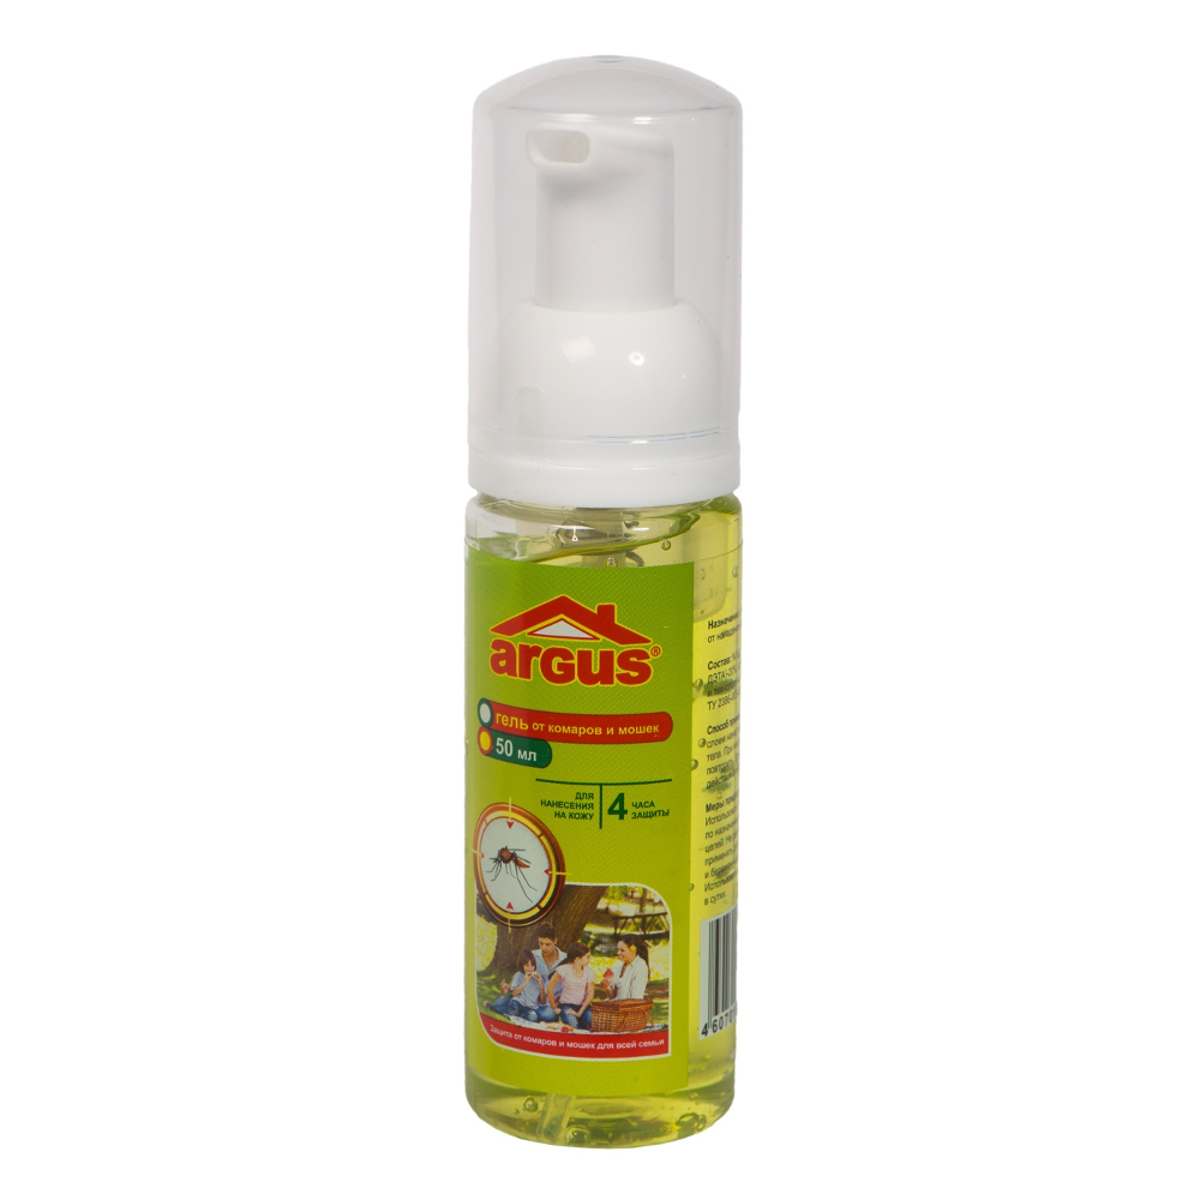 Гель от комаров и мошек Argus, с дозатором, 50 мл656765Гель Argus с экстрактом алоэ от комаров, мошек, слепней и мокрецов незаменим для комфортного отдыха на природе. Средство обеспечивает надежную защиту от укусов комаров, мошек, слепней и мокрецов в течении 4 часов. Флакон оснащен удобным дозатором.Состав: N,N-диэтил-м-толуамид (ДЭТА) 20%, краситель, отдушка, технологические добавки.